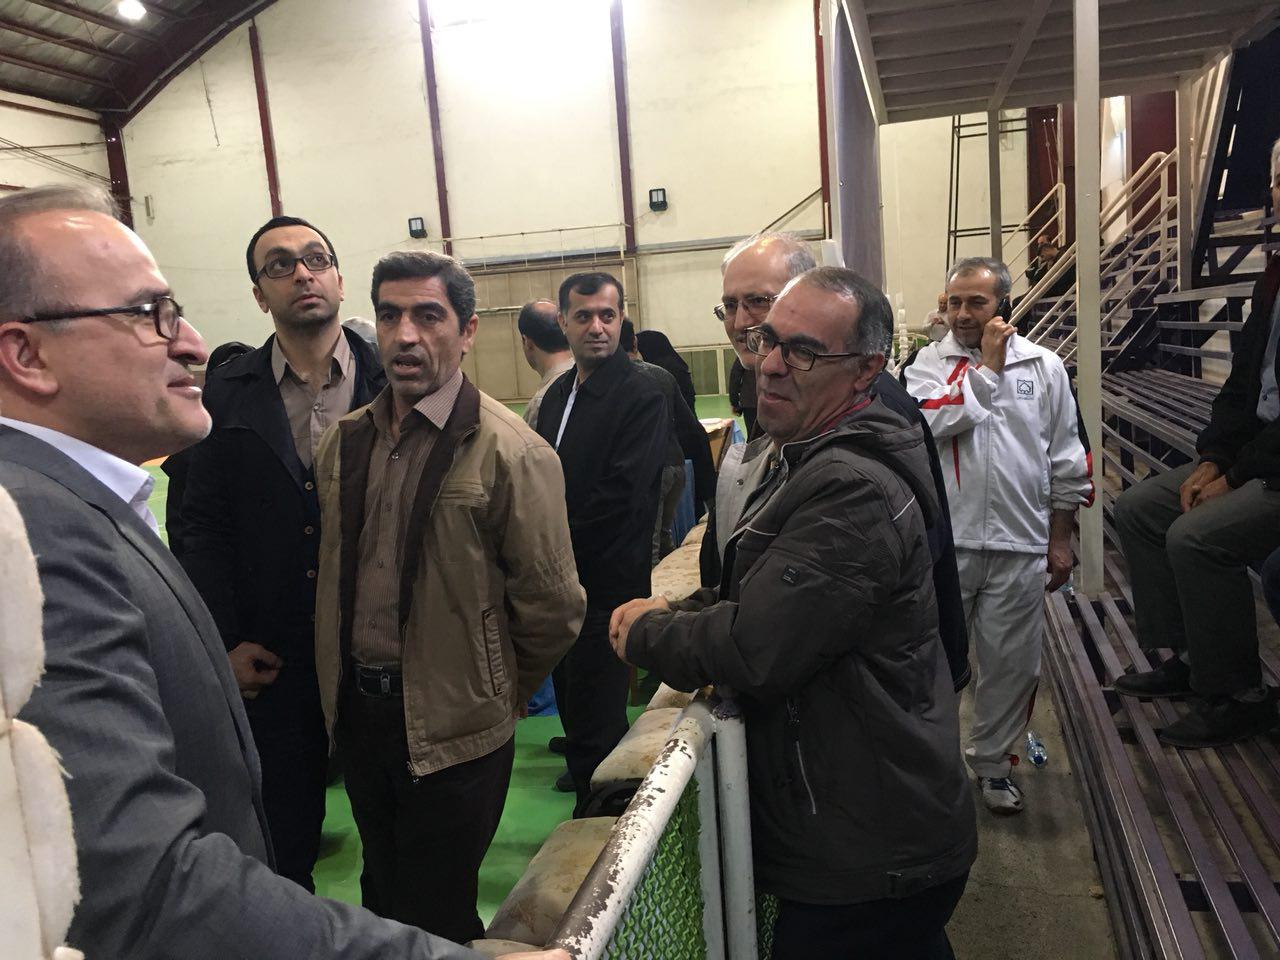 گفتگوی صمیمانه مهندس حسینی ، مدیر کل آب شهری استان گیلان با ورزشکاران شرکت کننده